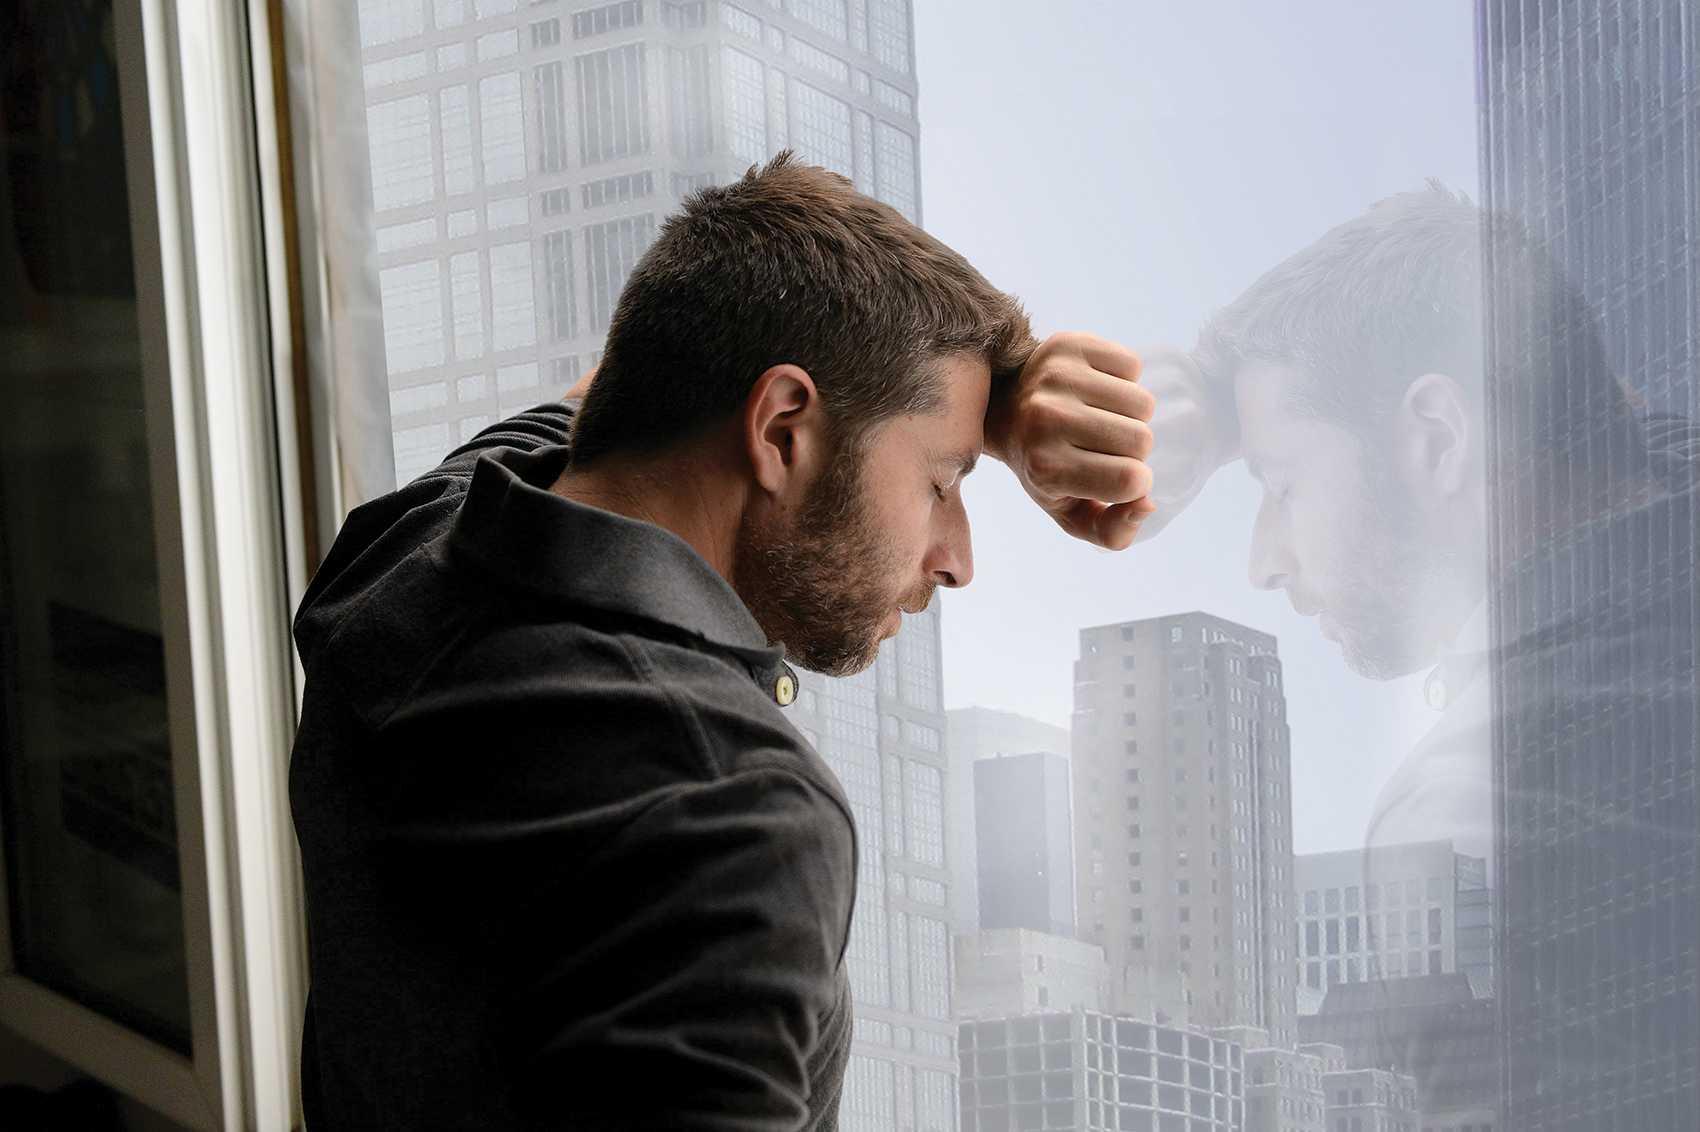 Возрастные кризисы в жизни человека. что это и как их преодолеть?